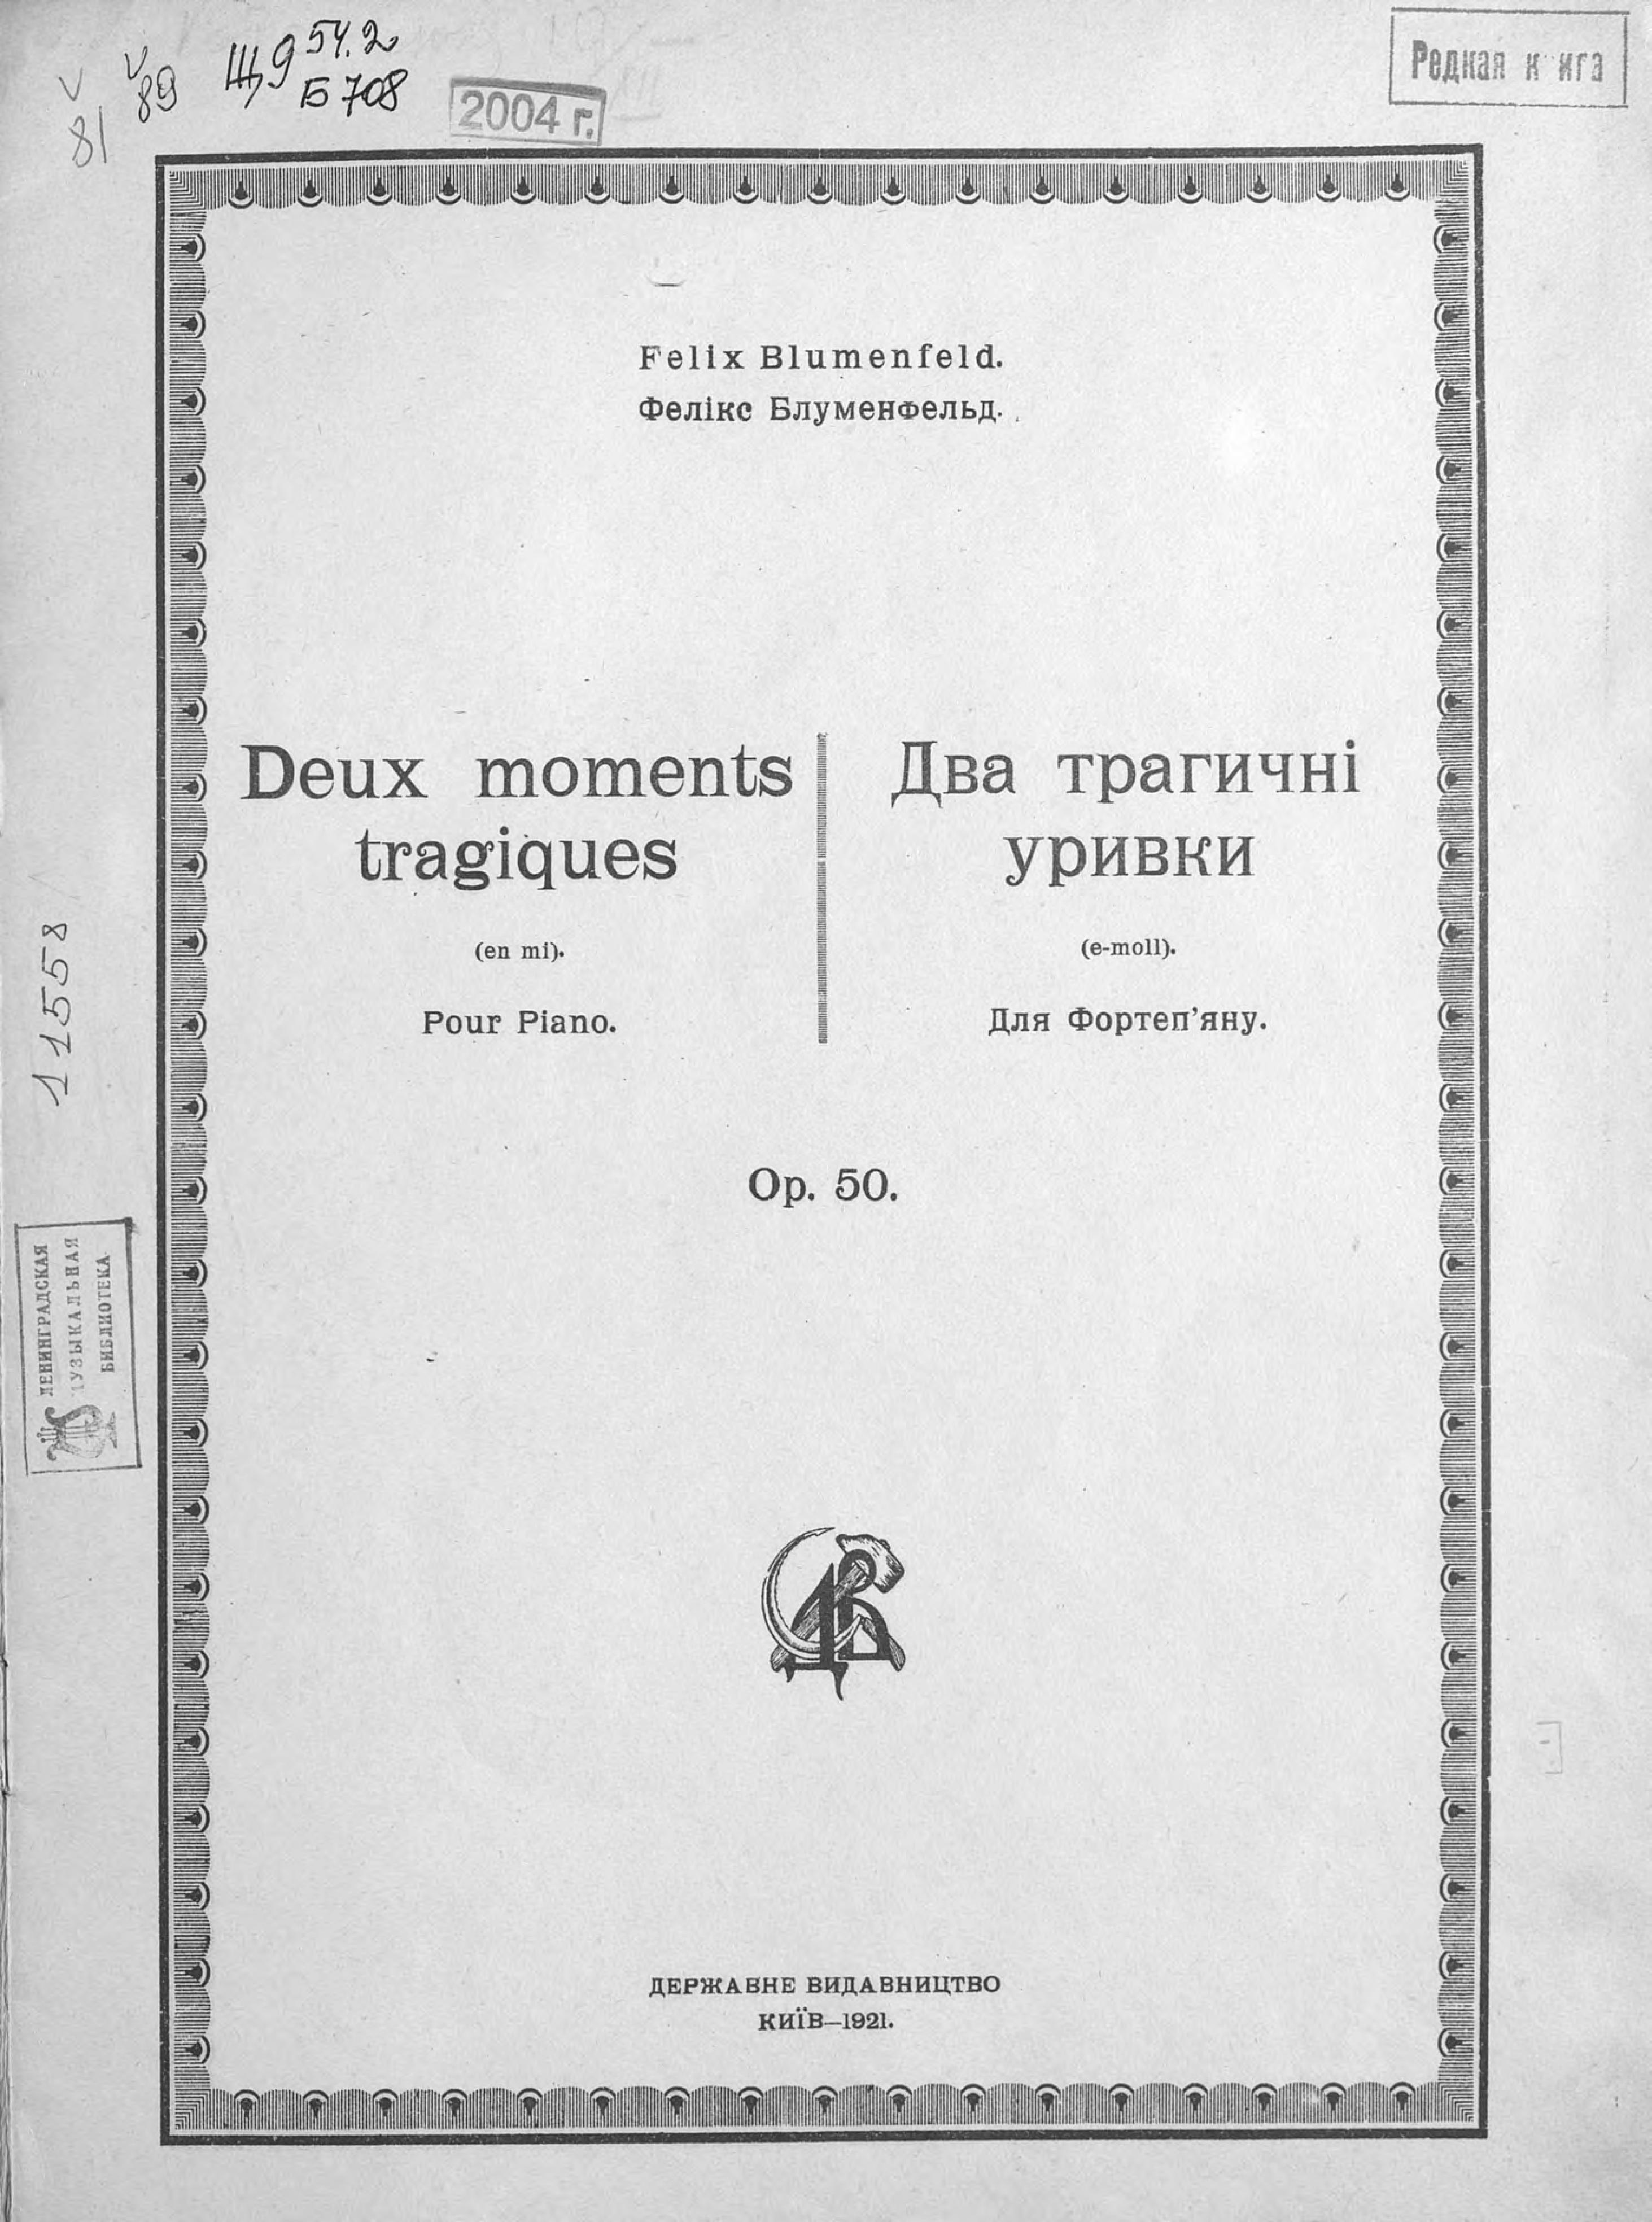 Феликс Блуменфельд Два трагичнi уривки феликс блуменфельд концертный этюд